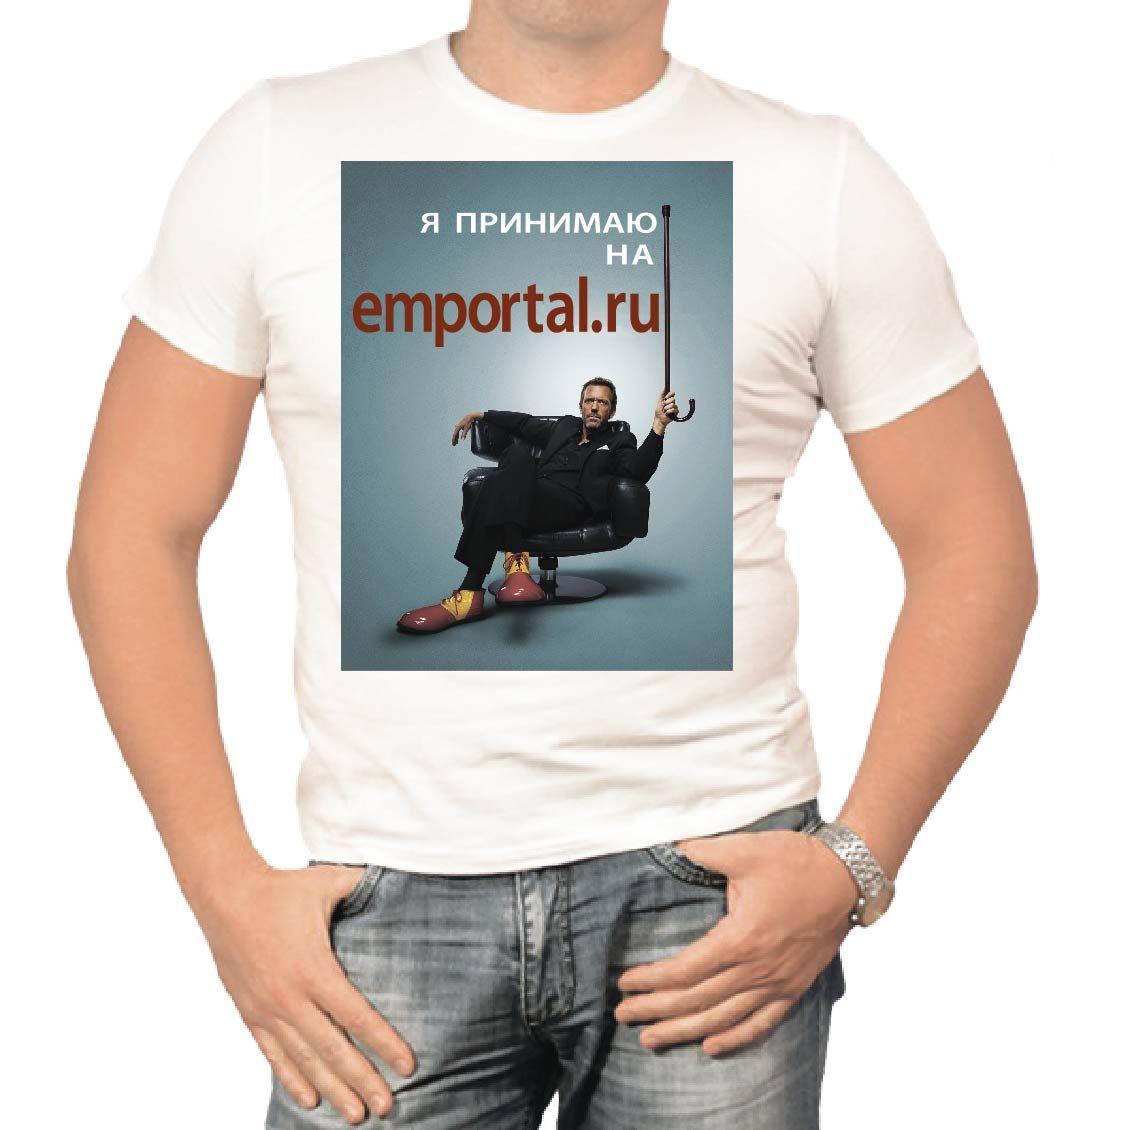 Разработка принтов для футболок - дизайнер savalor